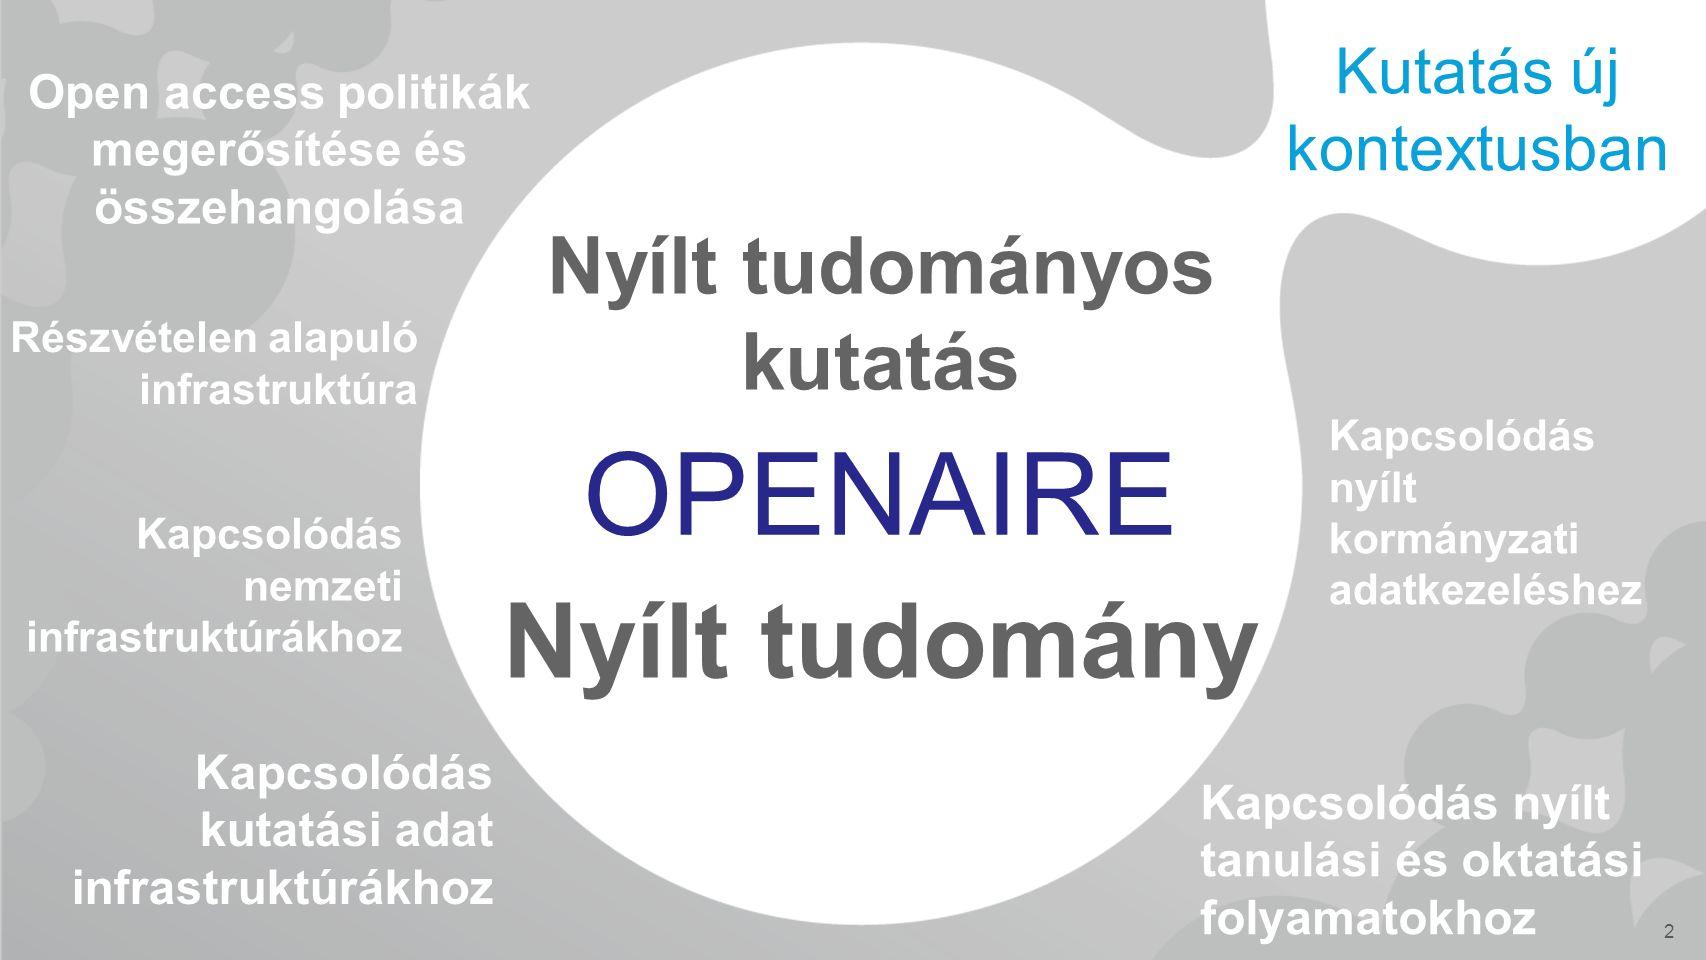 OPENAIRE Nyílt tudományos kutatás Nyílt tudomány 2 Kutatás új kontextusban Open access politikák megerősítése és összehangolása Kapcsolódás nemzeti infrastruktúrákhoz Kapcsolódás kutatási adat infrastruktúrákhoz Kapcsolódás nyílt kormányzati adatkezeléshez Kapcsolódás nyílt tanulási és oktatási folyamatokhoz Részvételen alapuló infrastruktúra